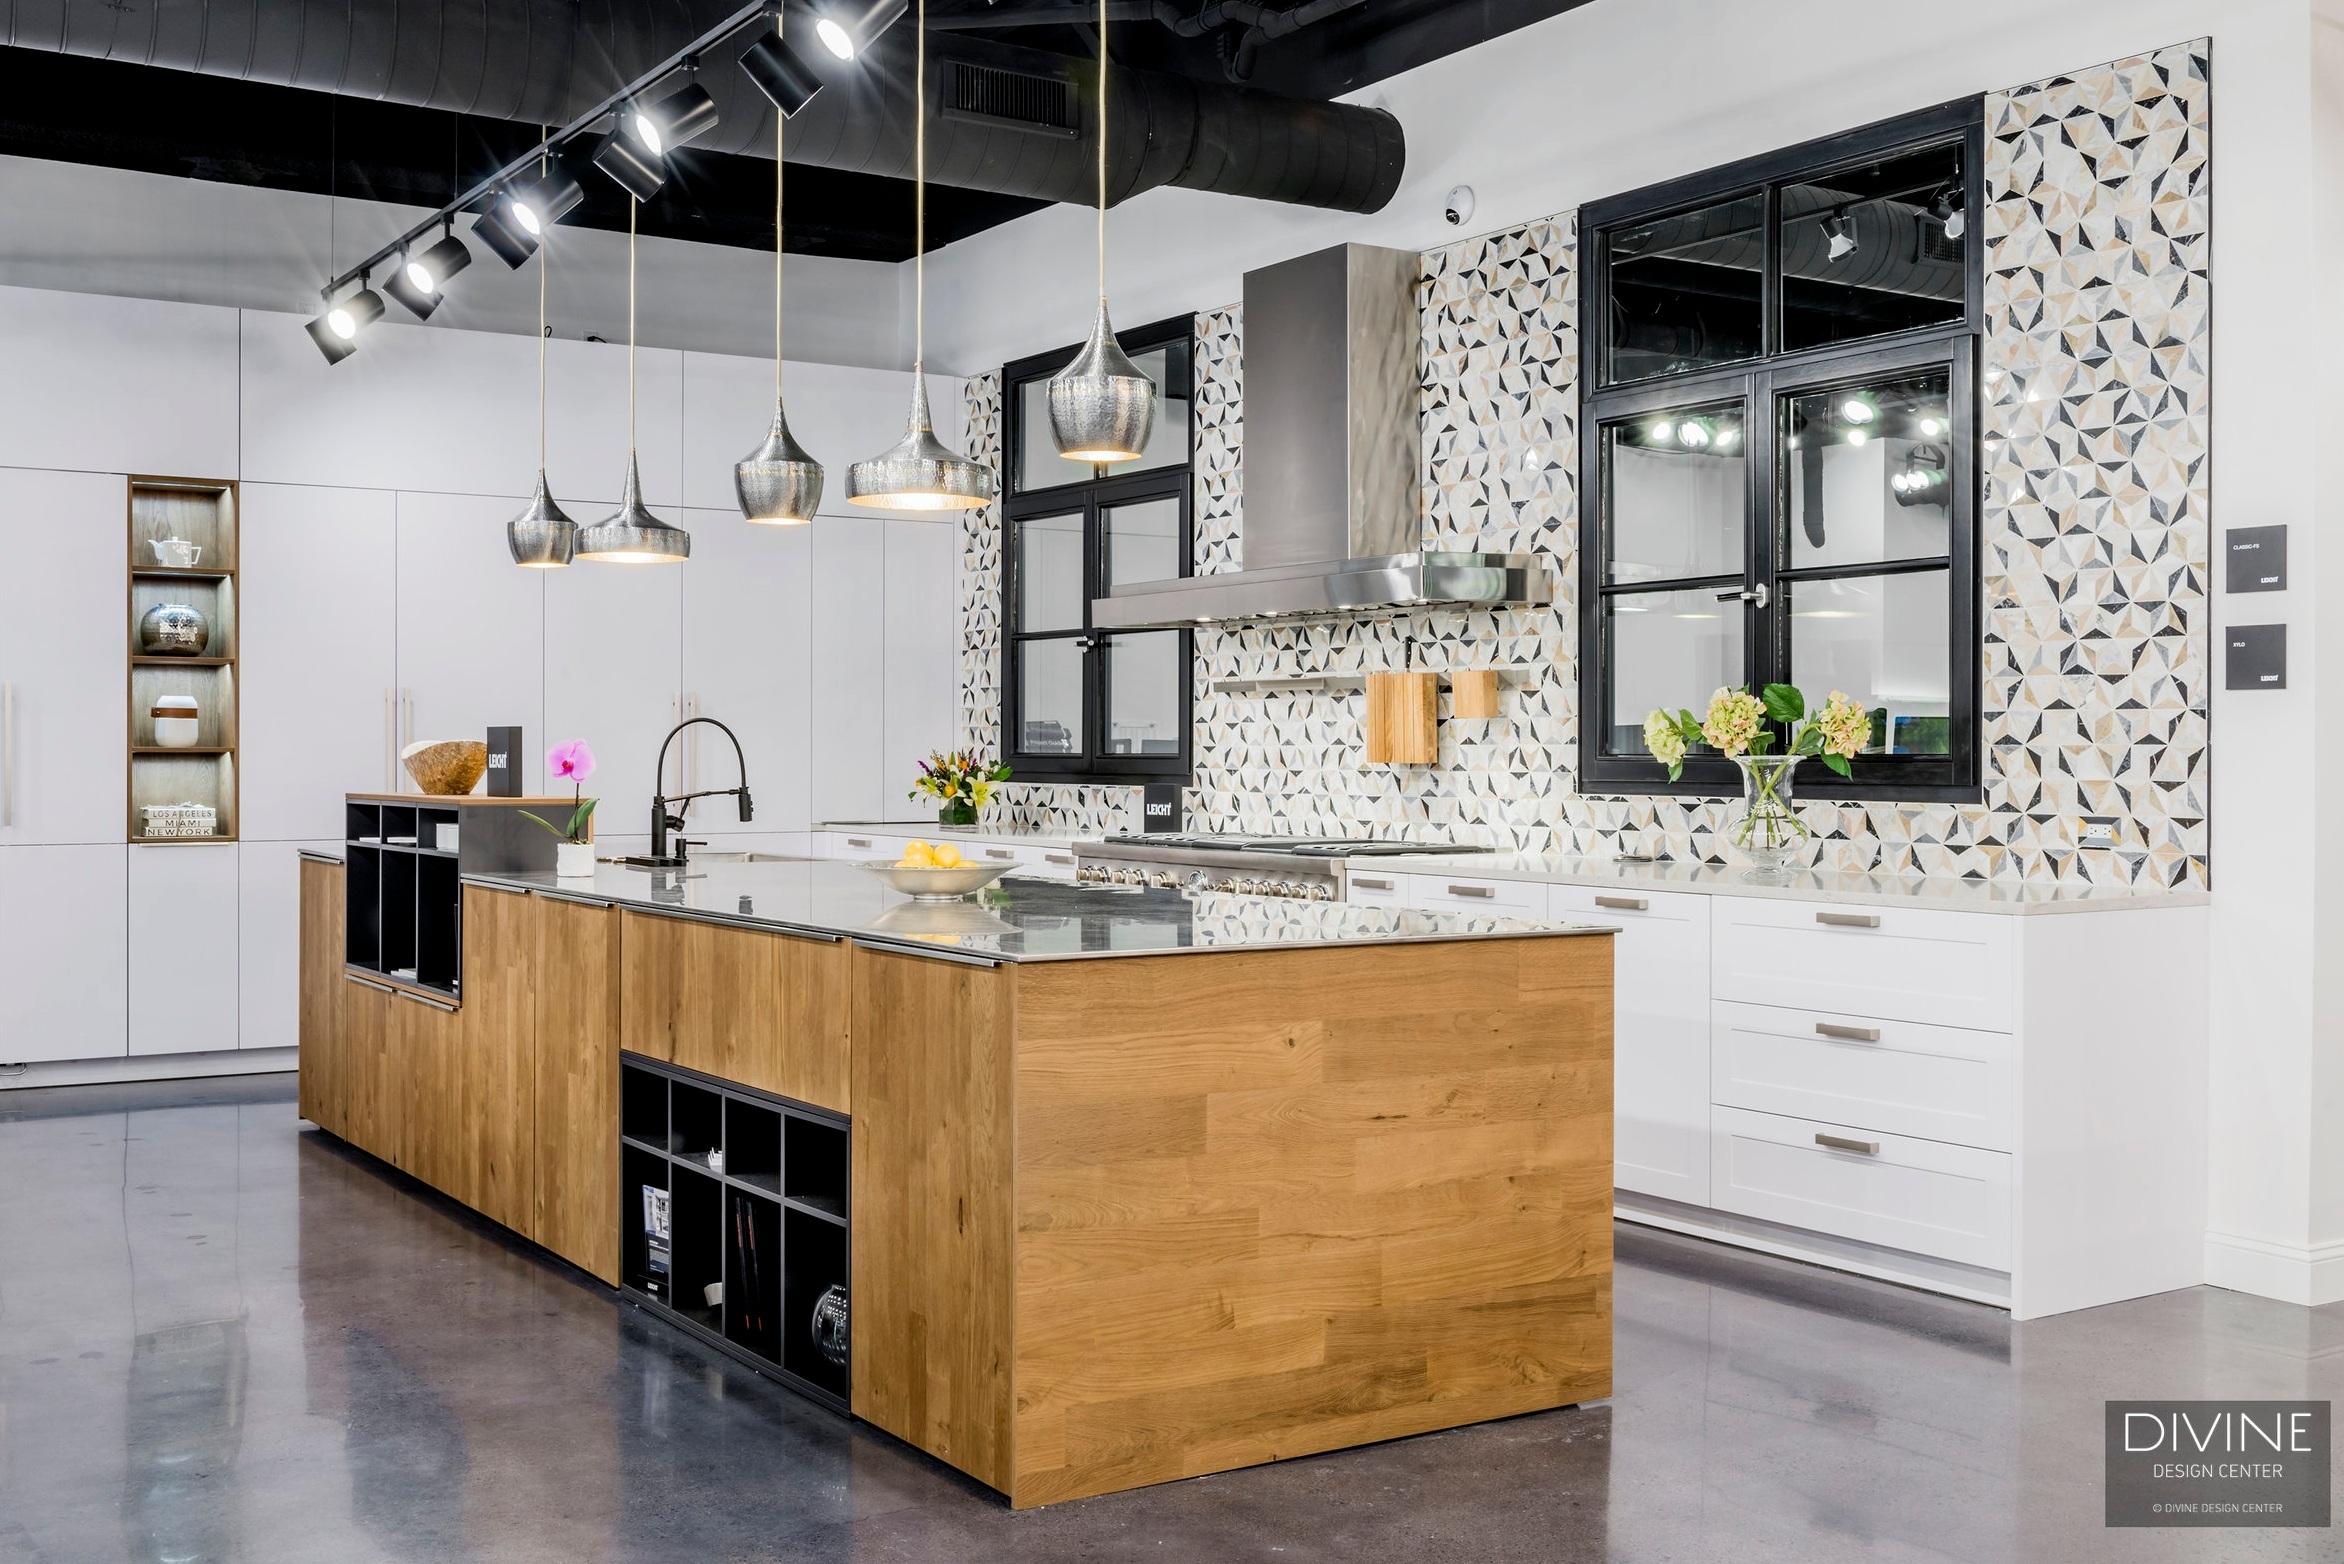 Divine Design Center Boston S Premiere European Design Firm